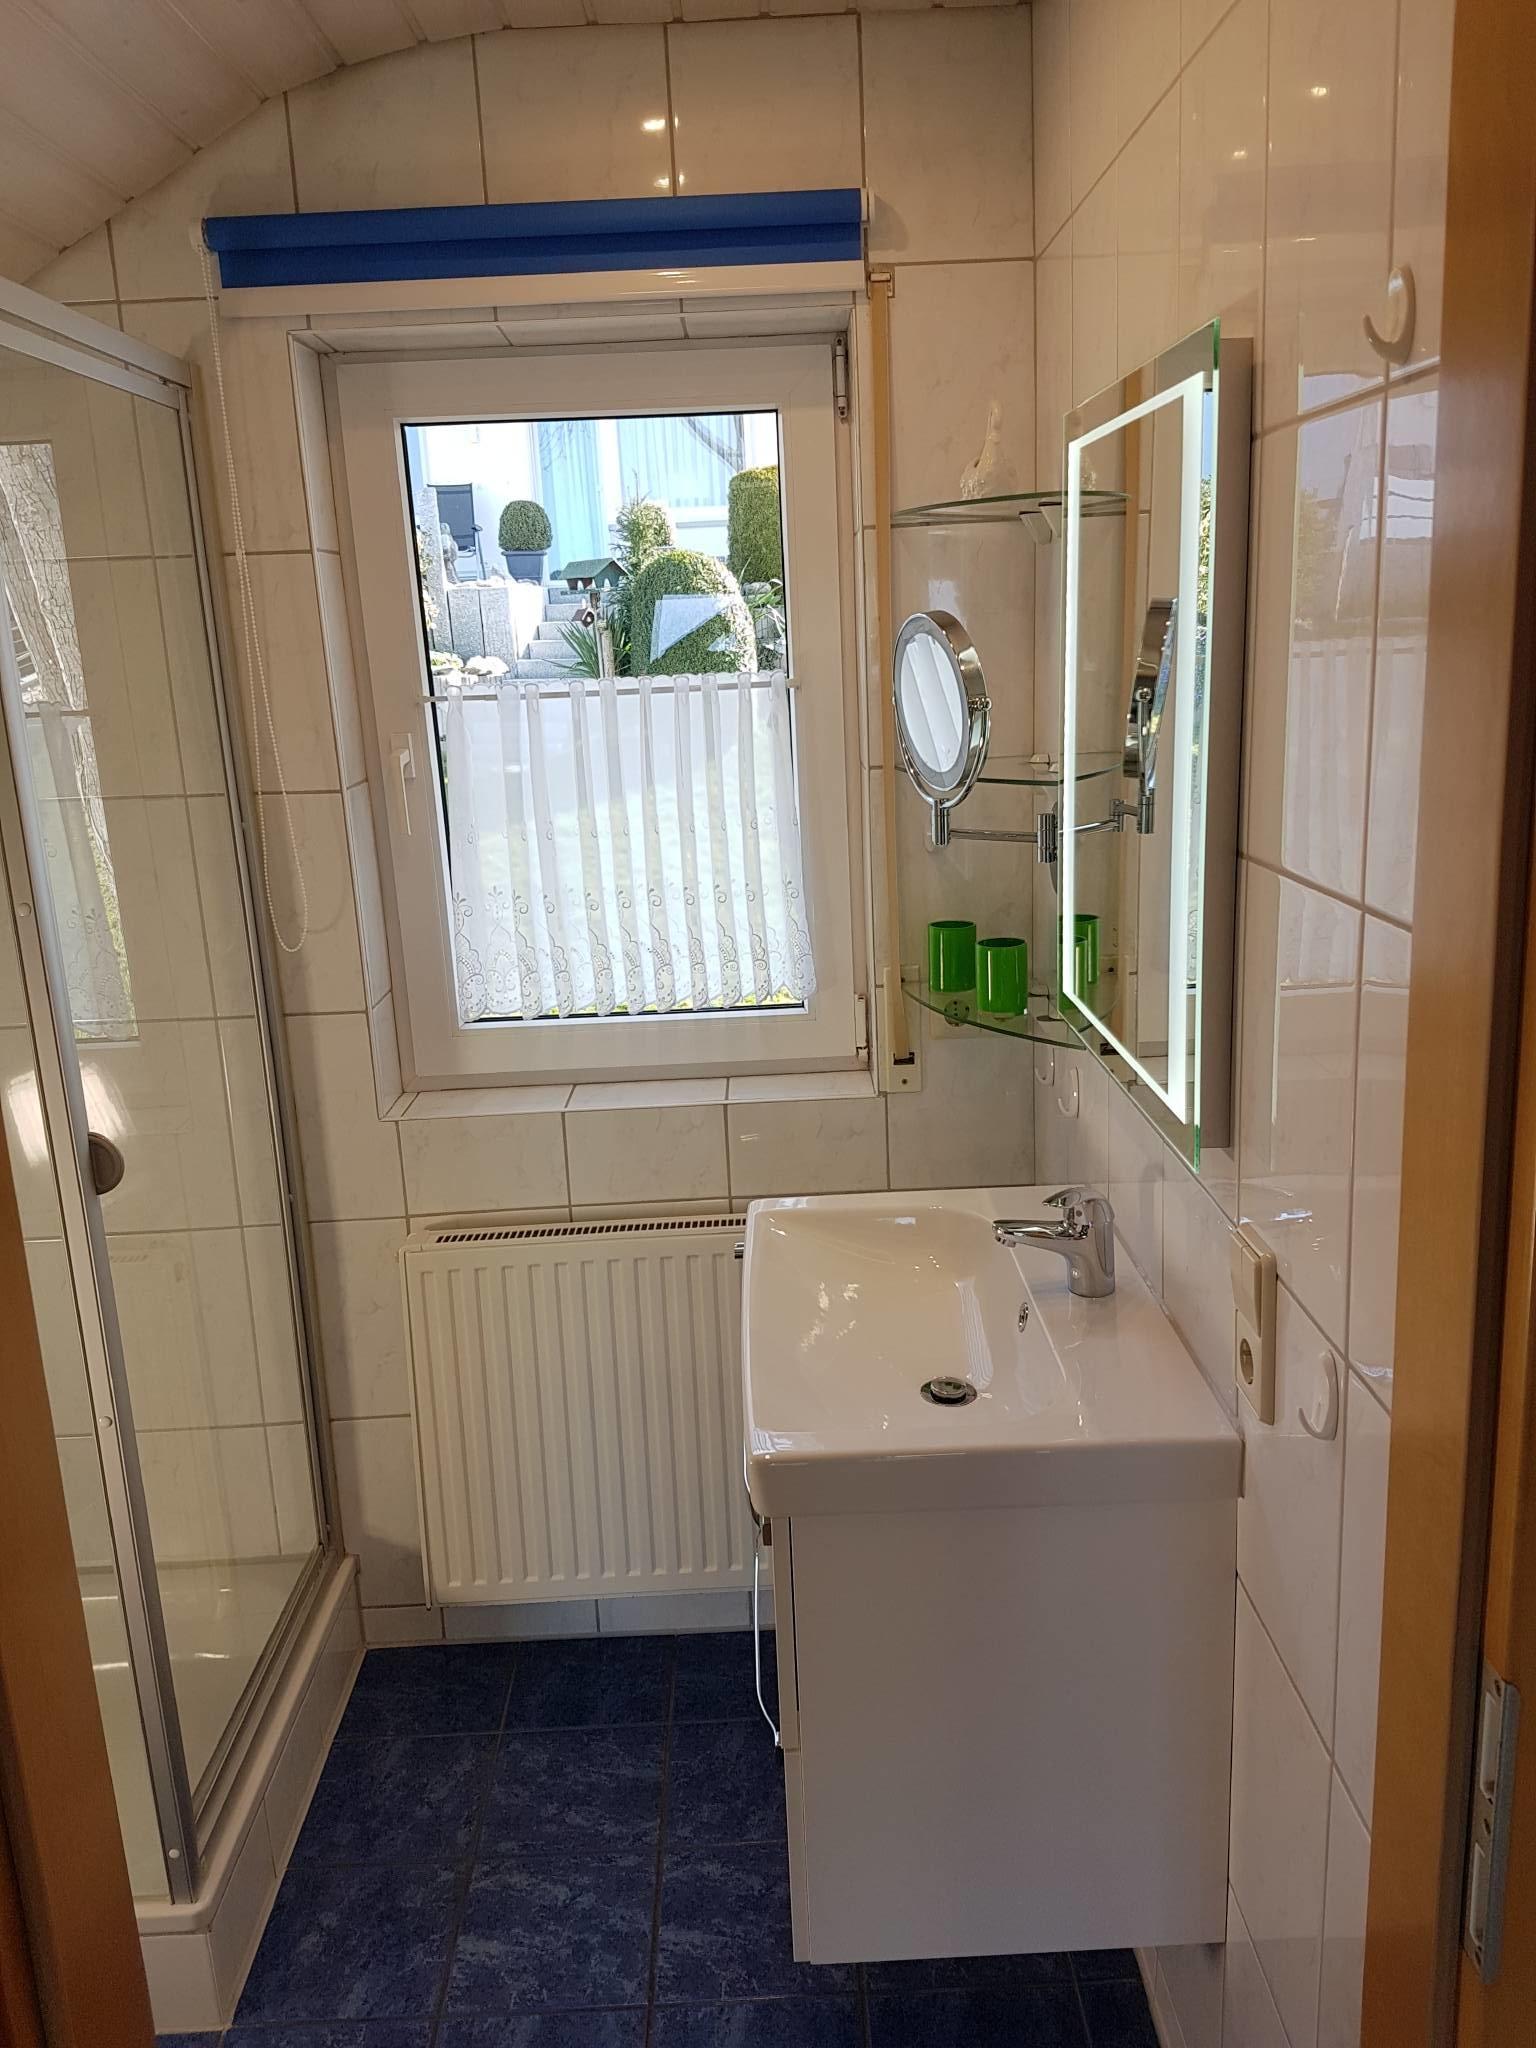 WC - Dusche